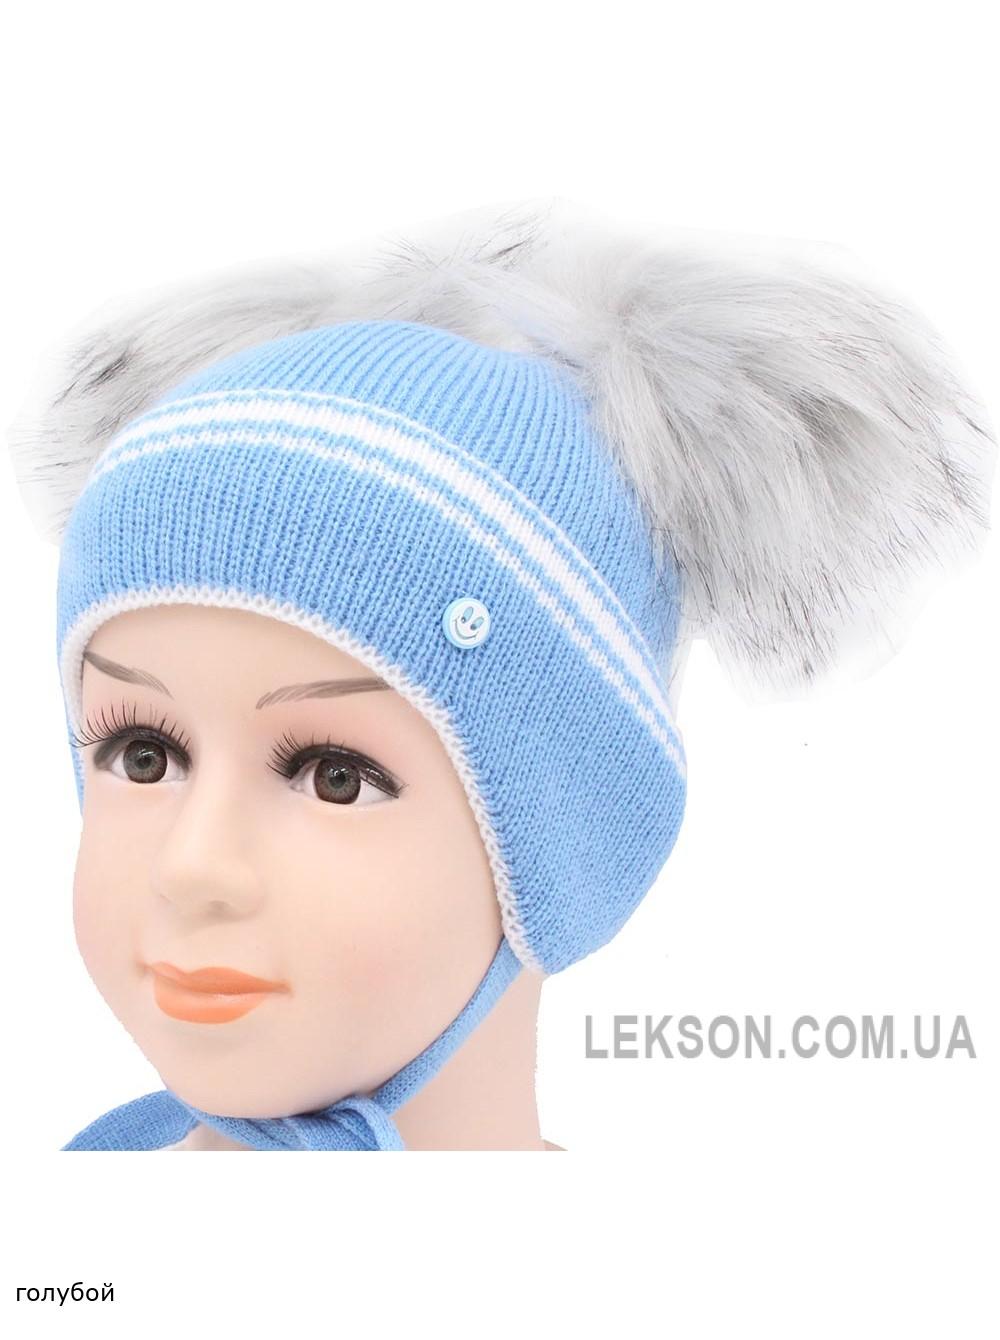 Детская вязаная шапка S97-03-31-46-48